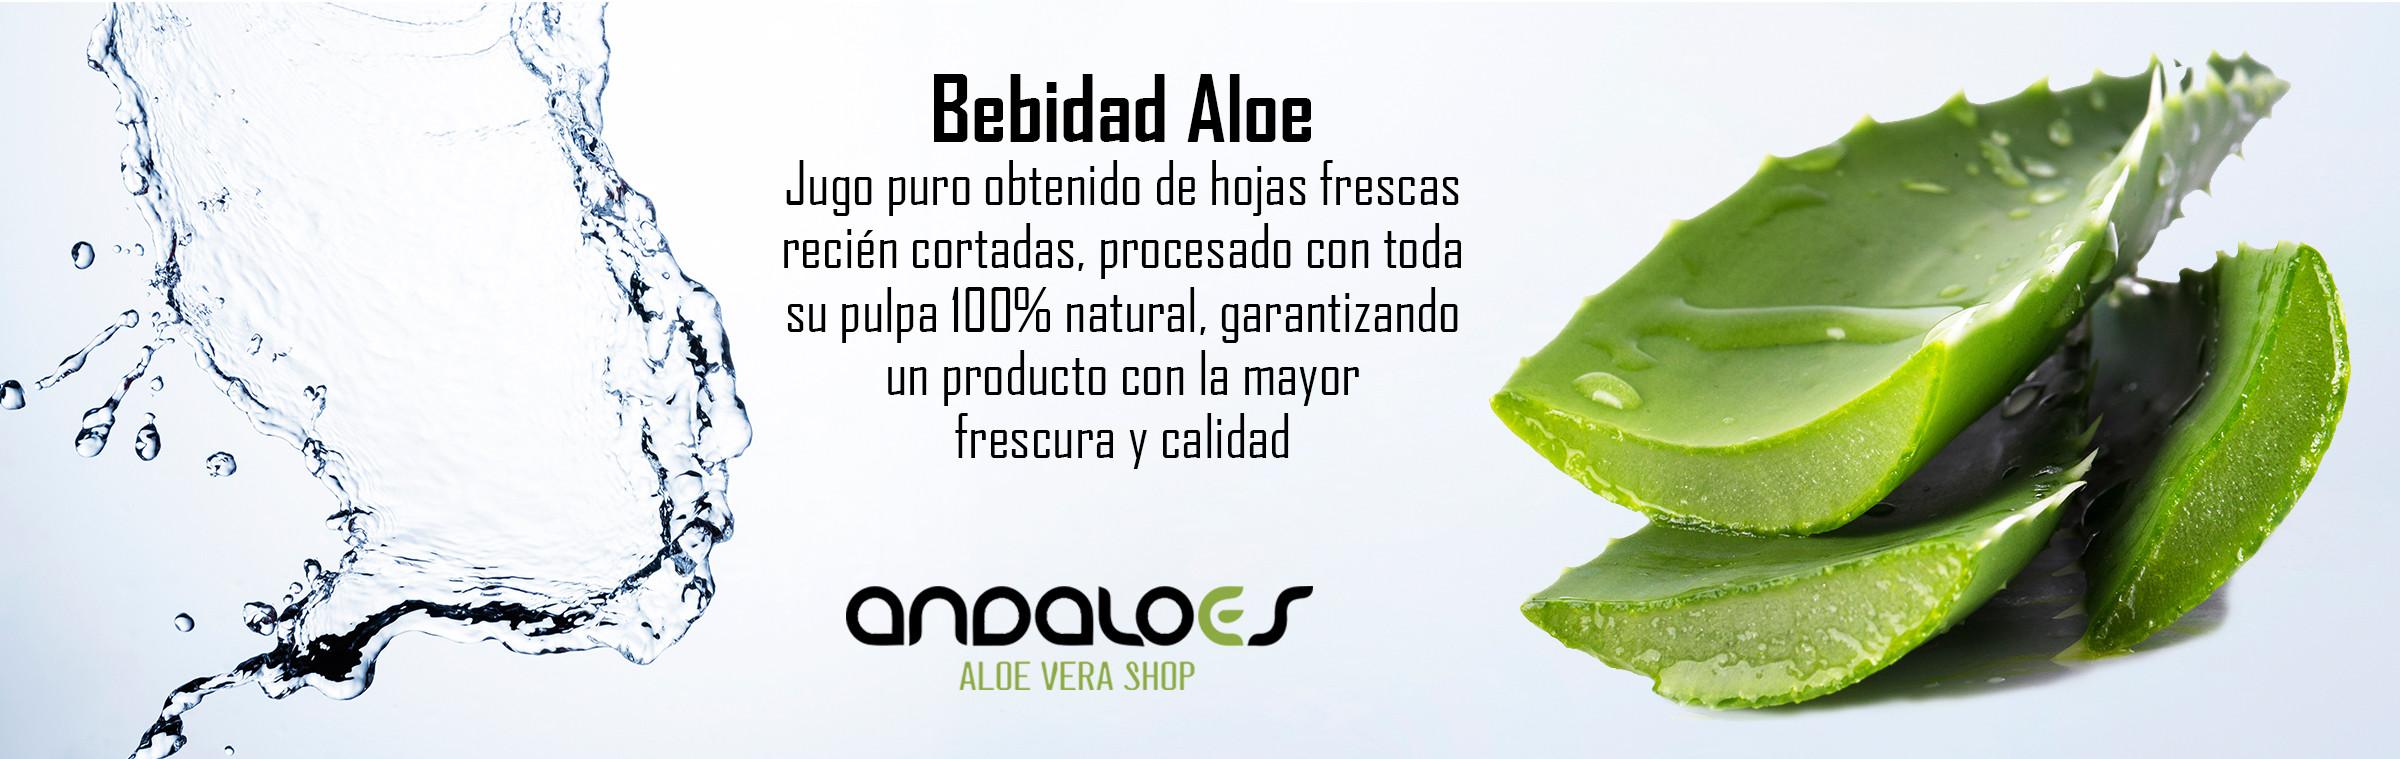 Bebidas de Aloe